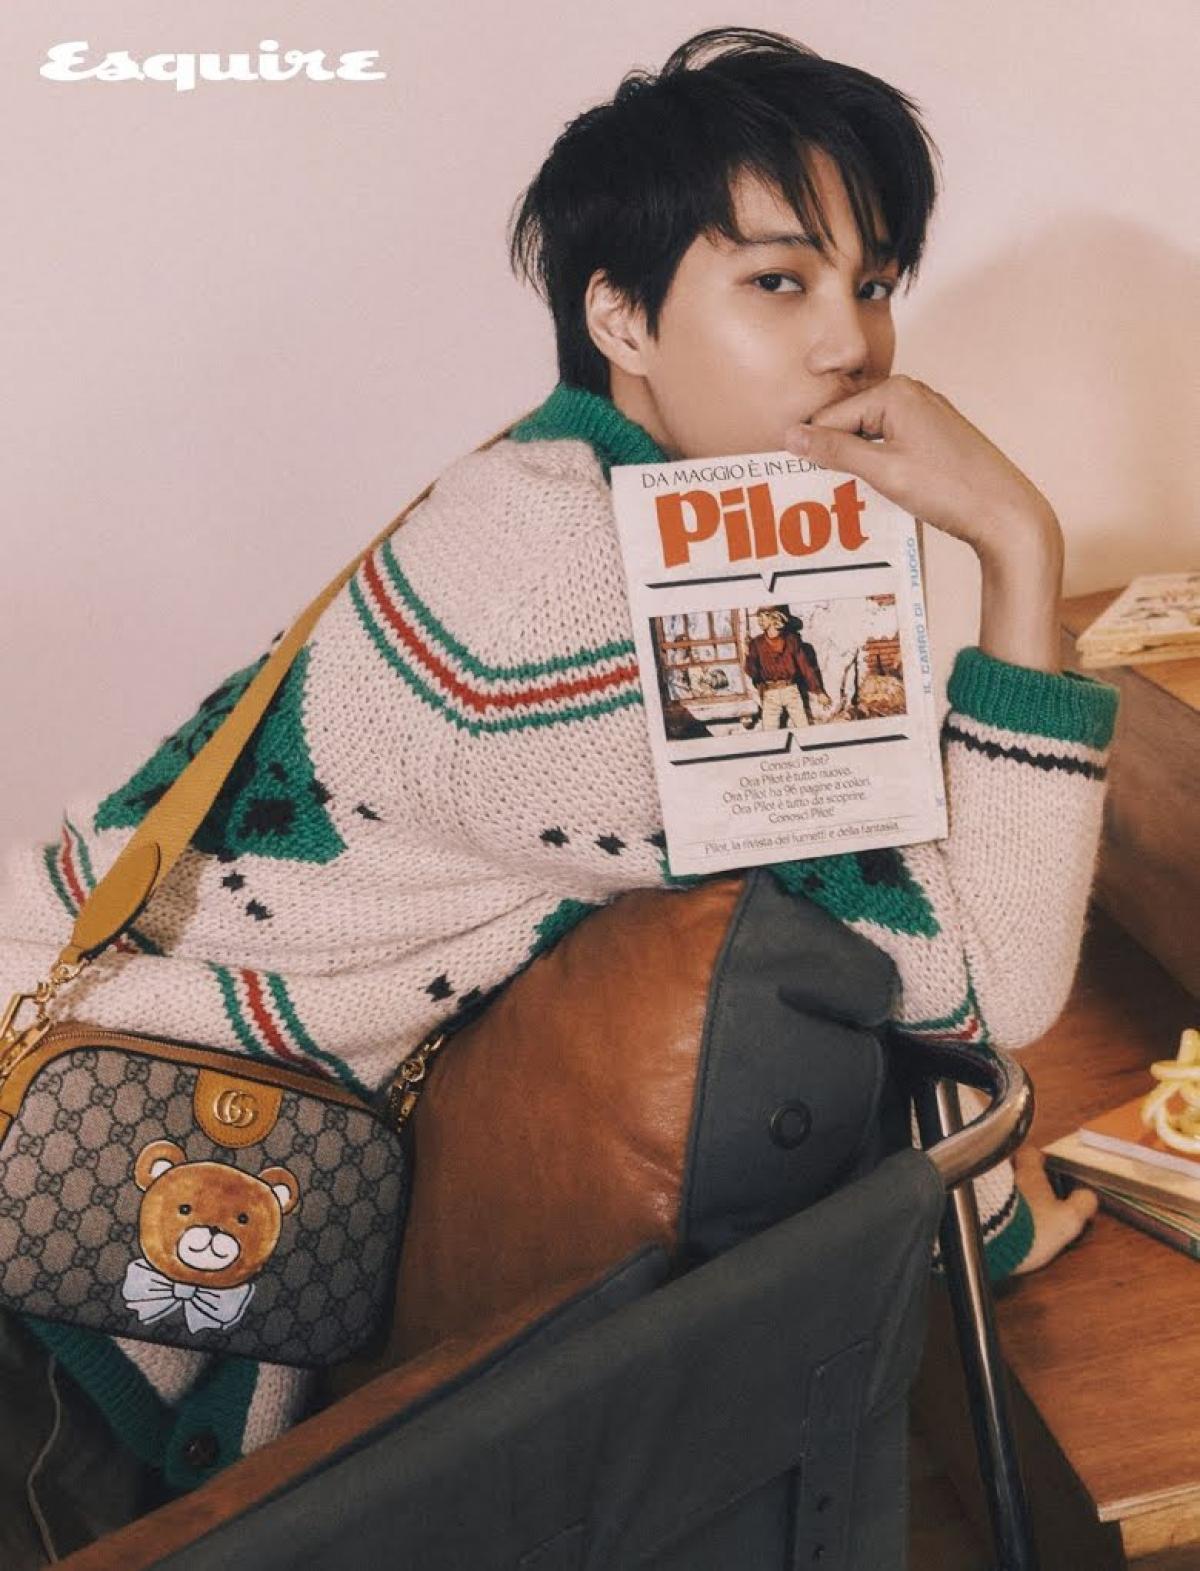 Dù được biết đến là một ca sĩ, vũ công nhưng Kai cũng rất tỏa sáng với vai trò người mẫu, gương mặt trang bìa cho các tạp chí.